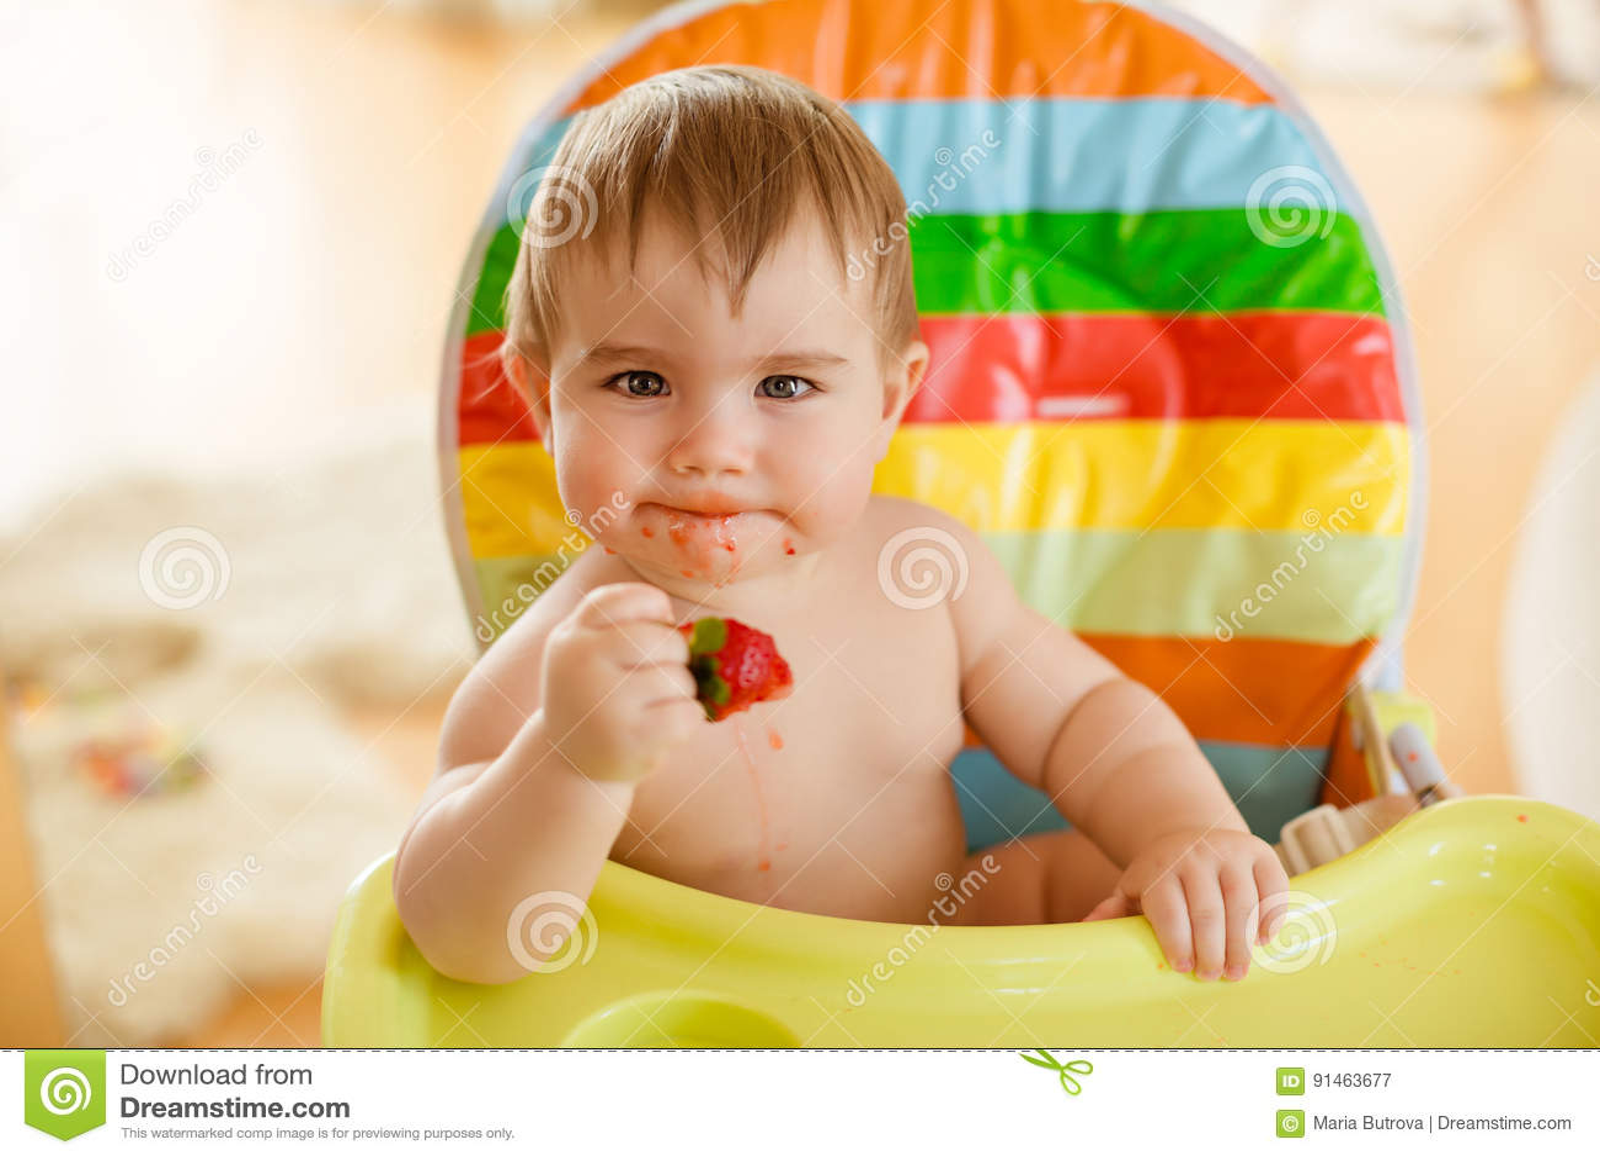 Kleines Baby Das In Einem Hellen Stuhl Erdbeeren Essend Sitzt